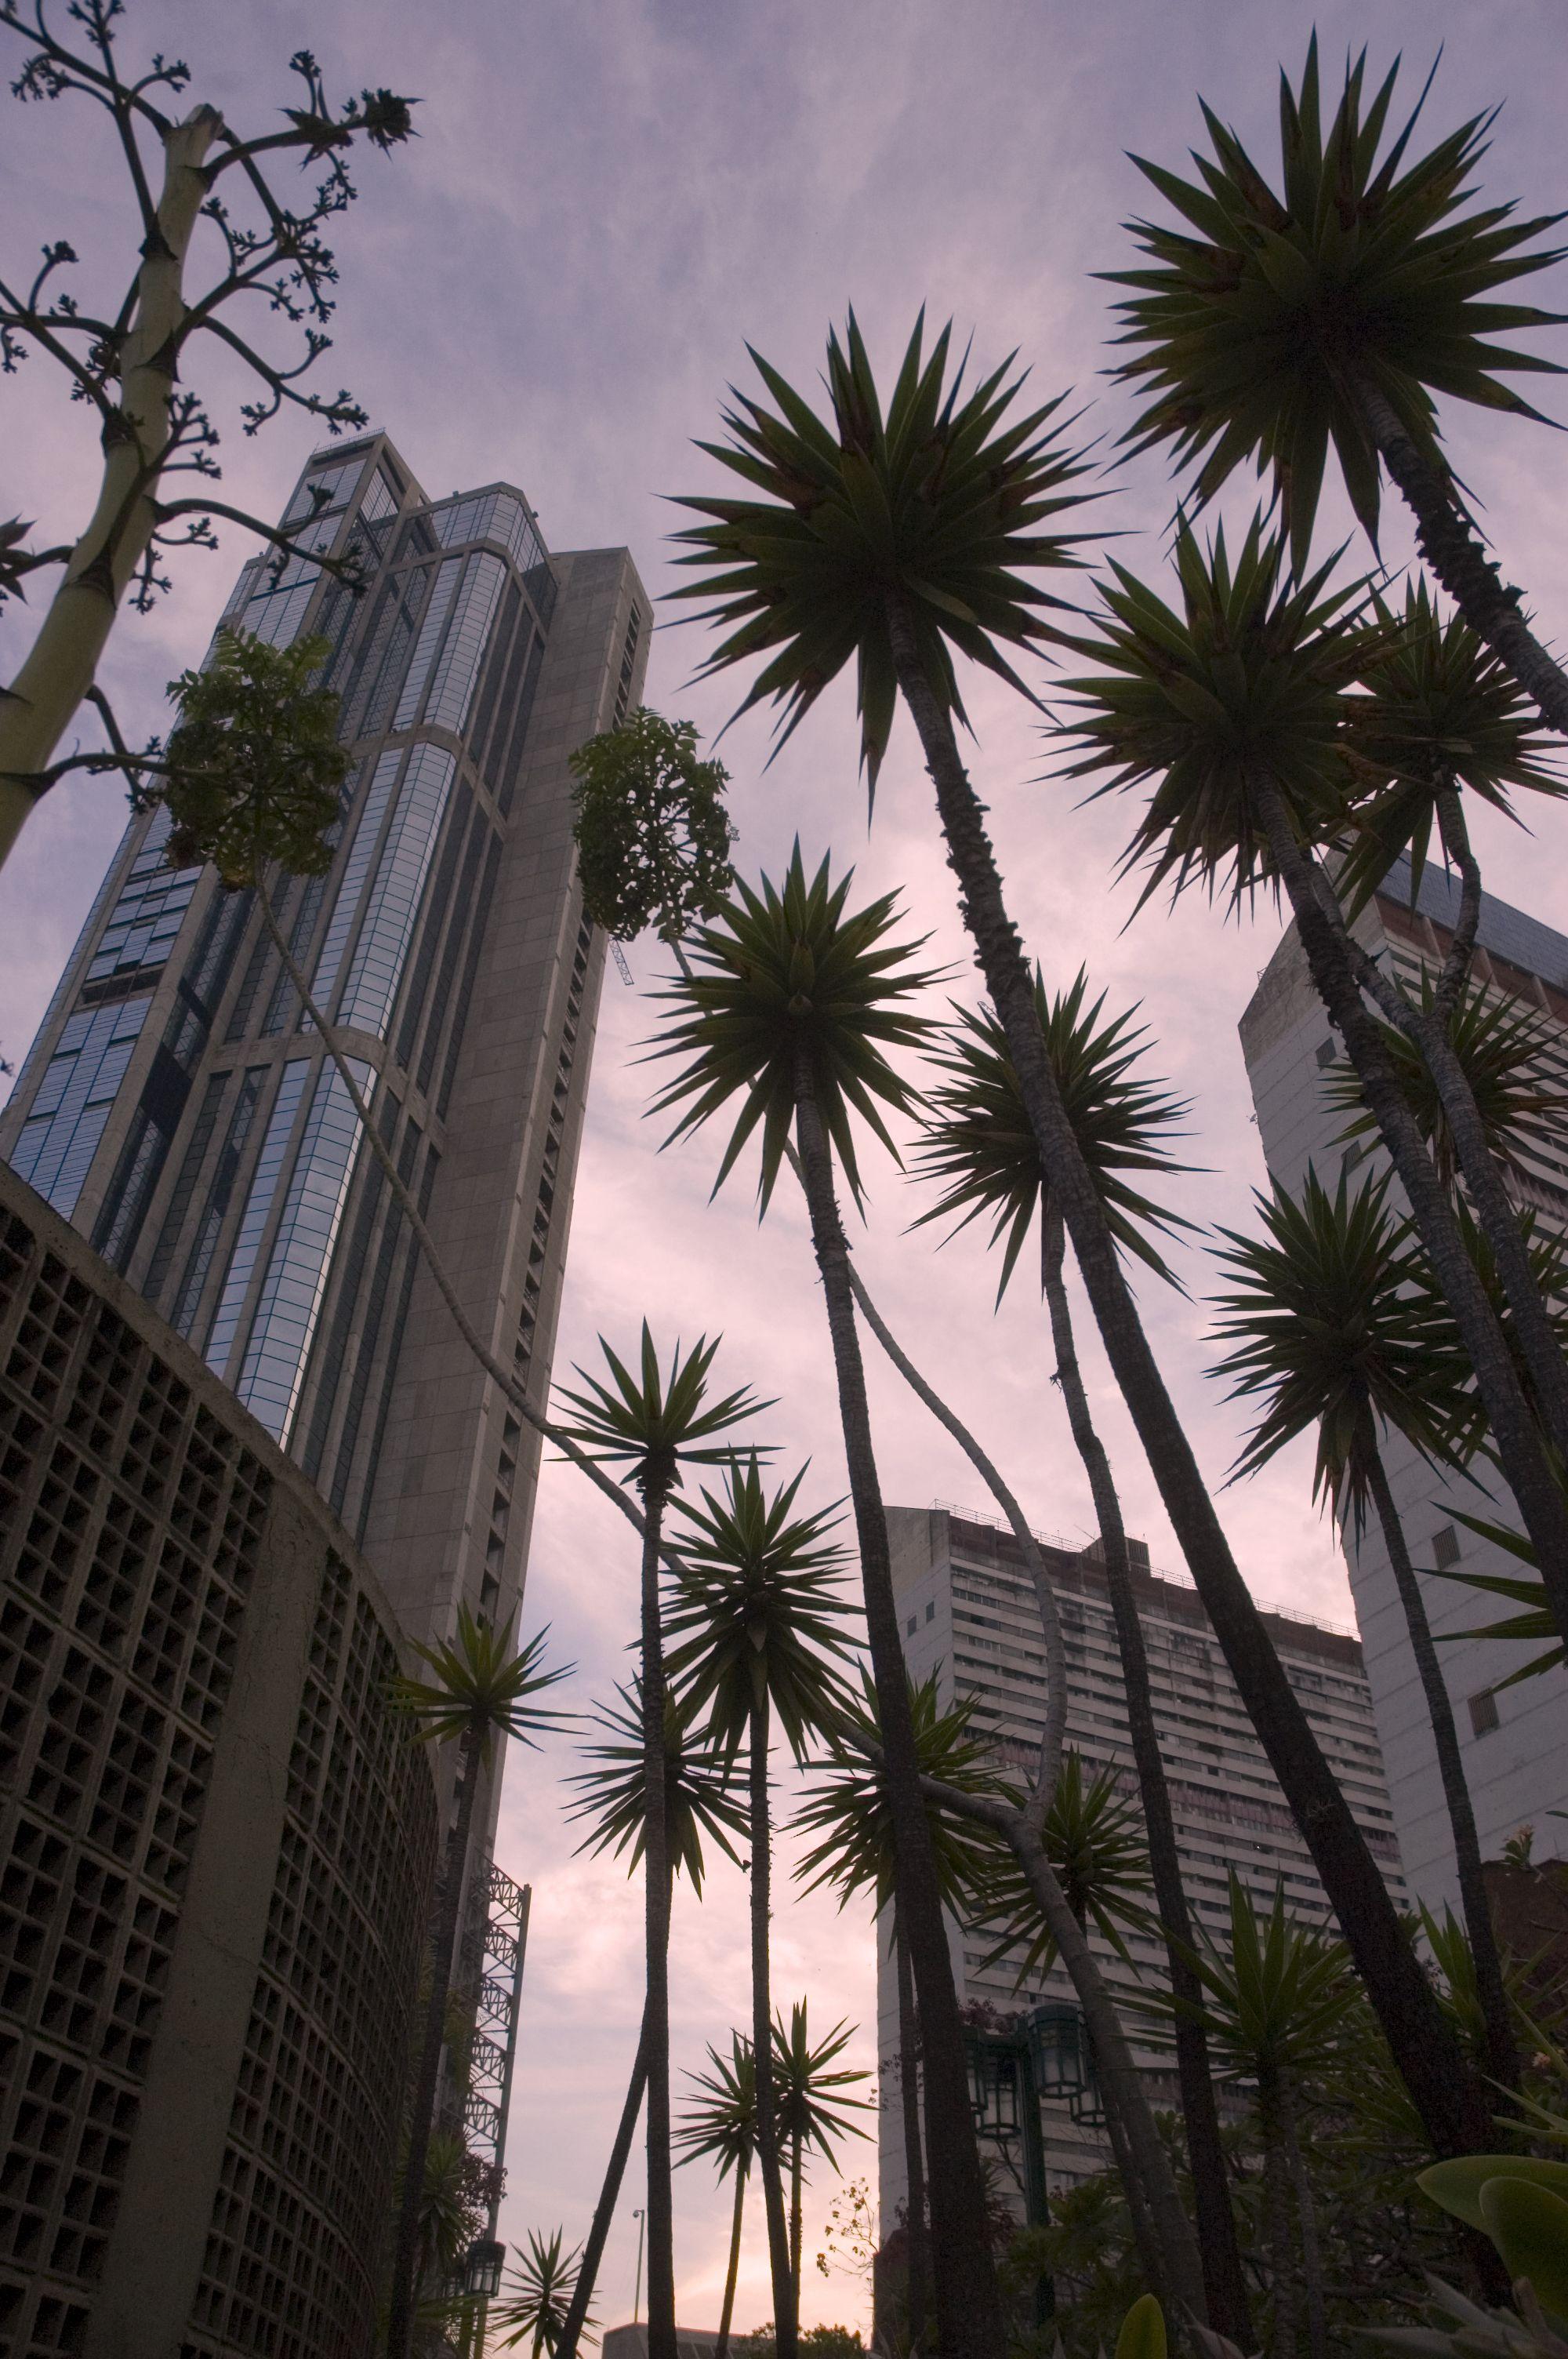 Las Torres Gemelas Del Parque Central Son Dos Rascacielos Ubicados En El Parque Central De Caracas En Venezuela Es Una Zo Venezuela Caracas Places To Travel